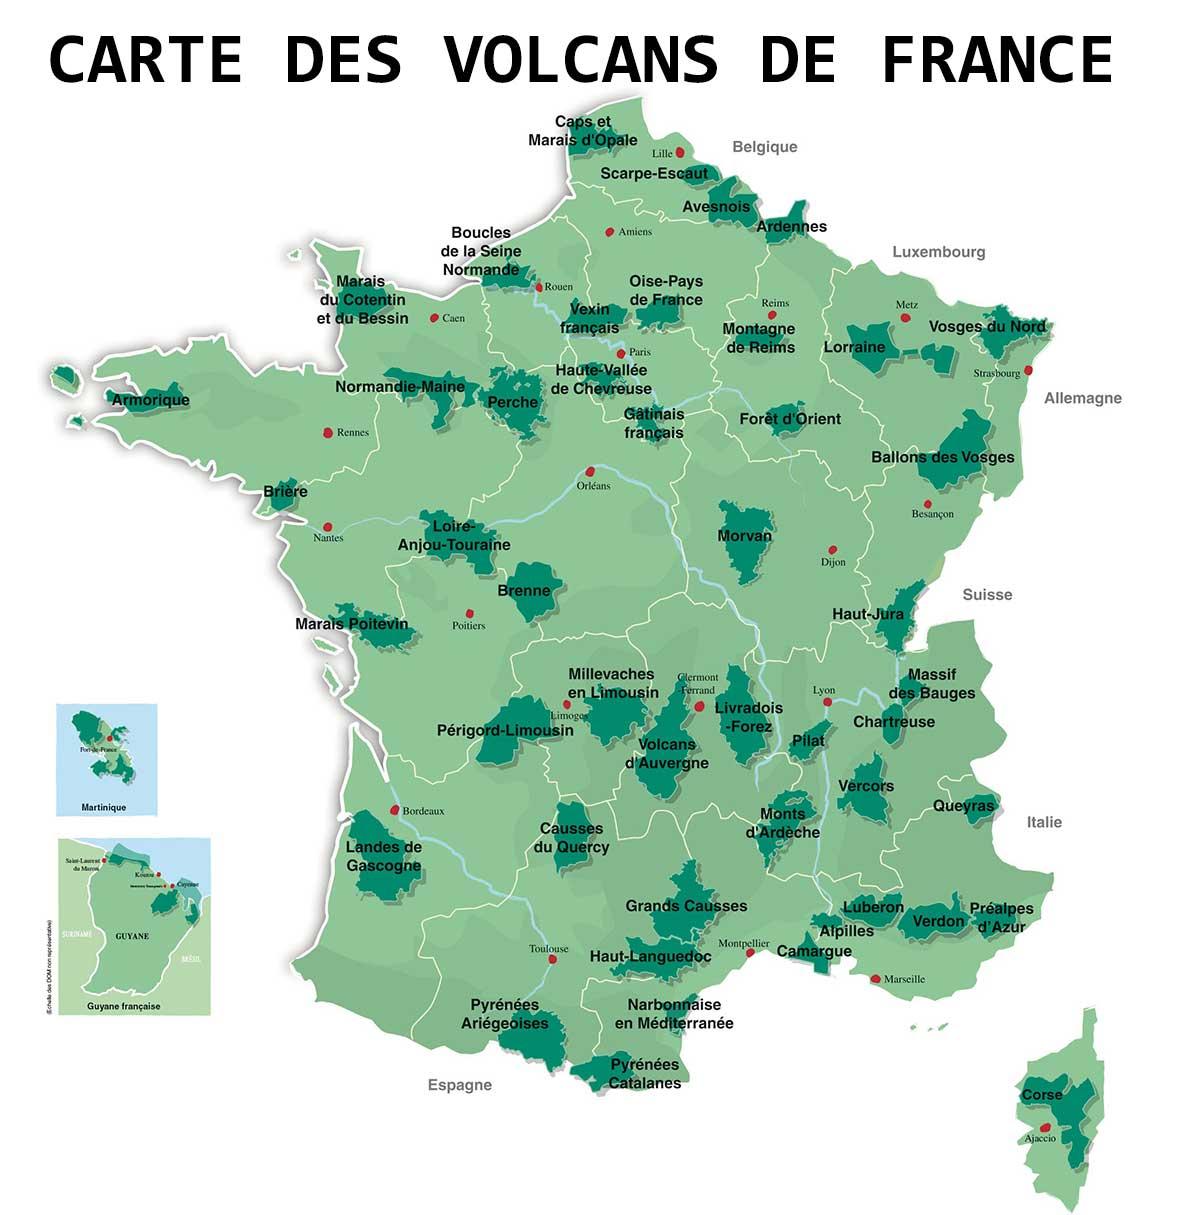 Carte des volcans en France » Vacances - Arts- Guides Voyages